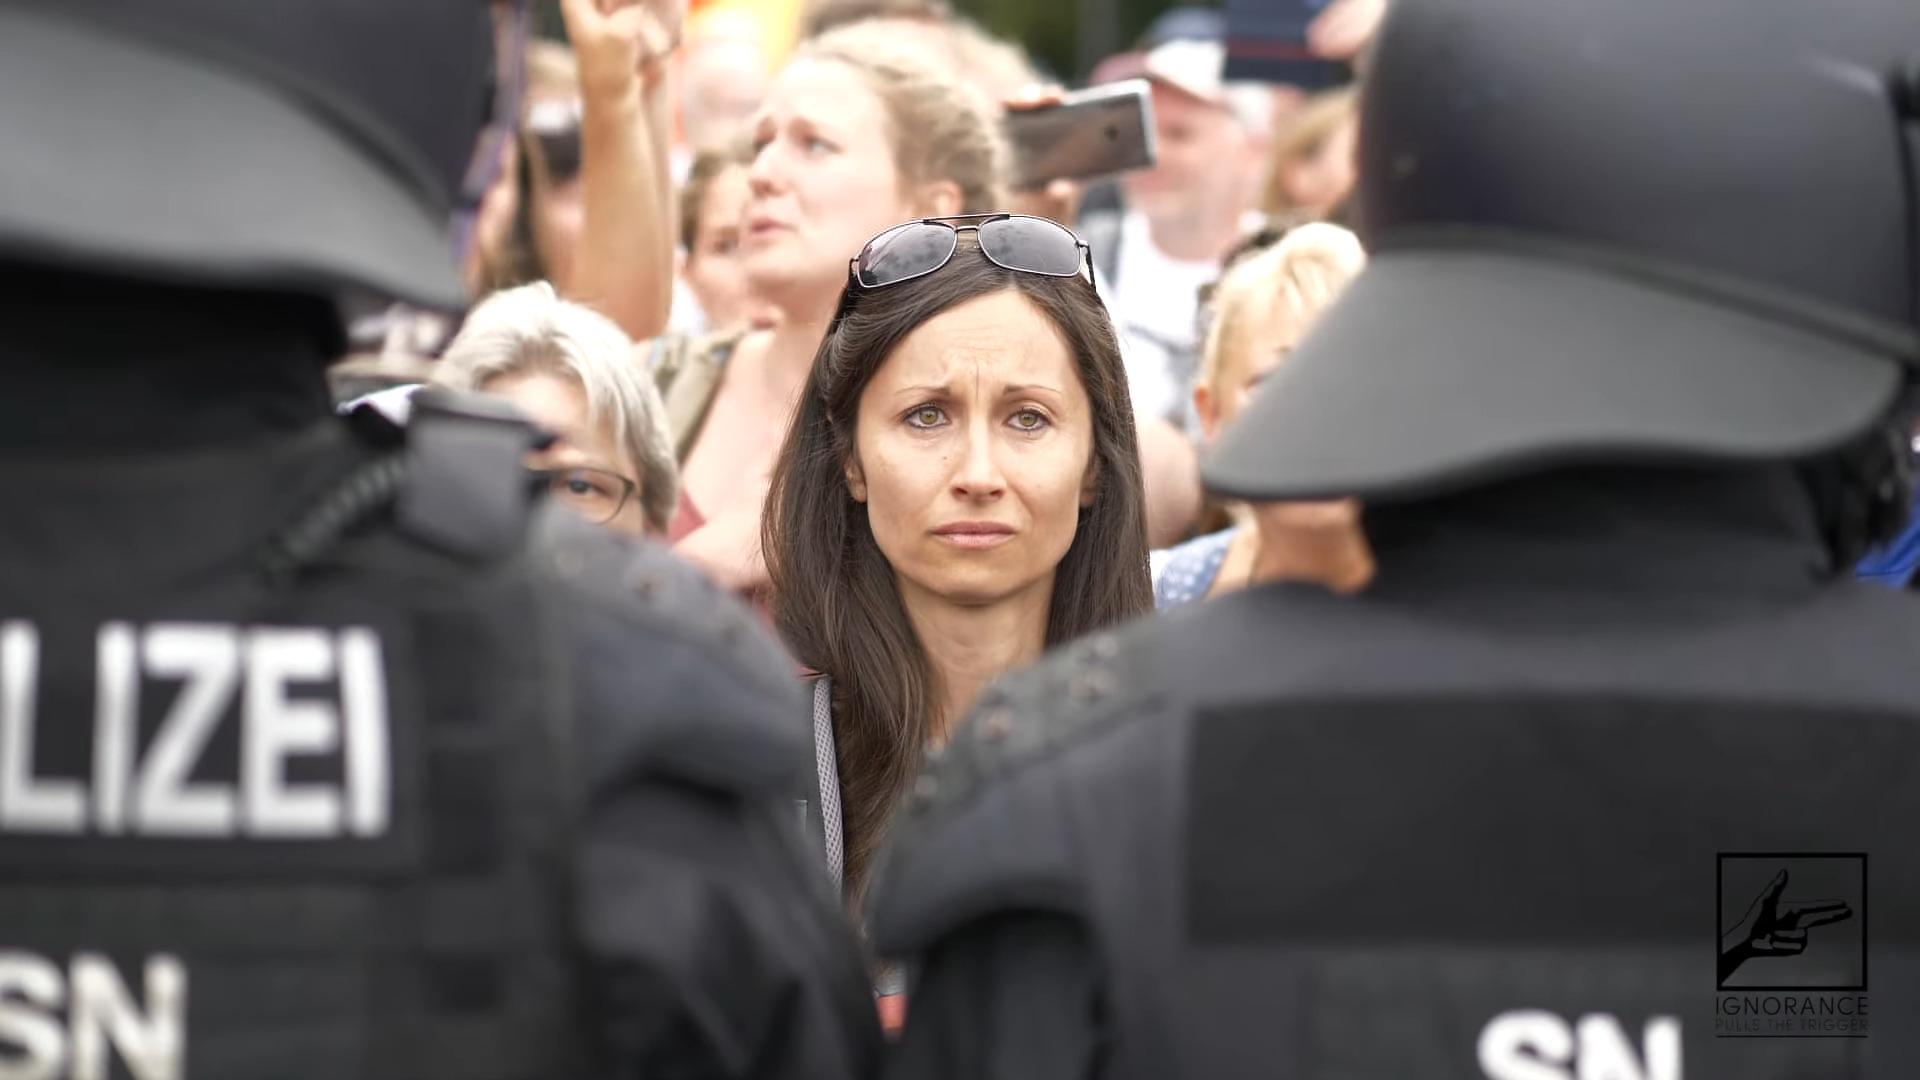 emotionale-bilder-von-der-demo-auflosung-am-30082020-in-berlin-am-grosen-stern-/-siegessaule-|-kenfm.de